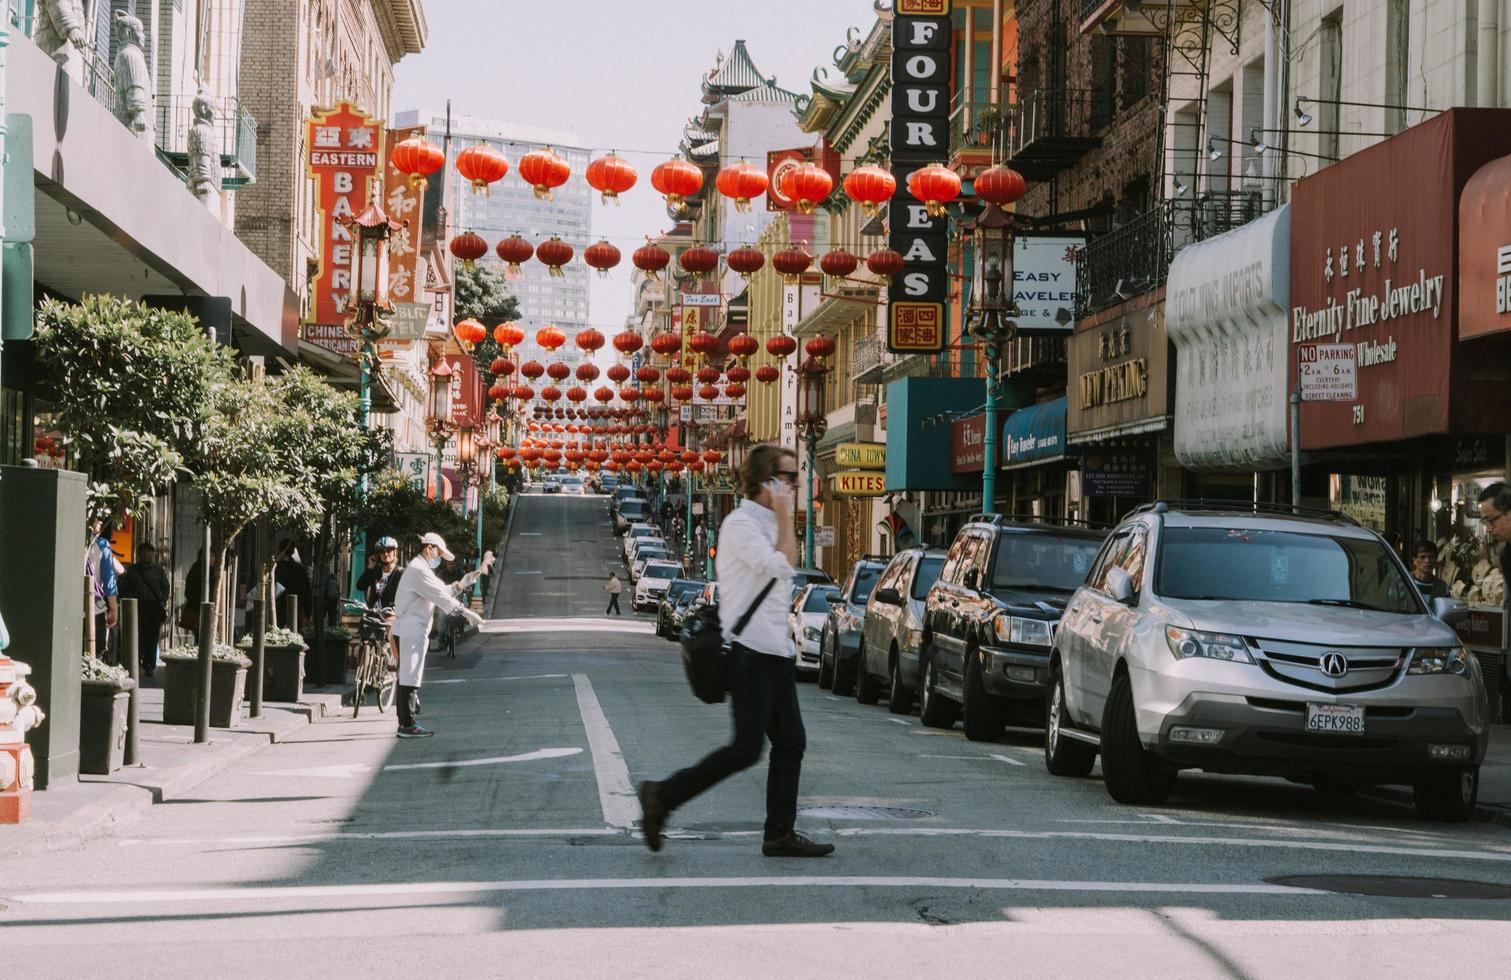 san francisco, california, 2020 - persone che camminano per strada foto